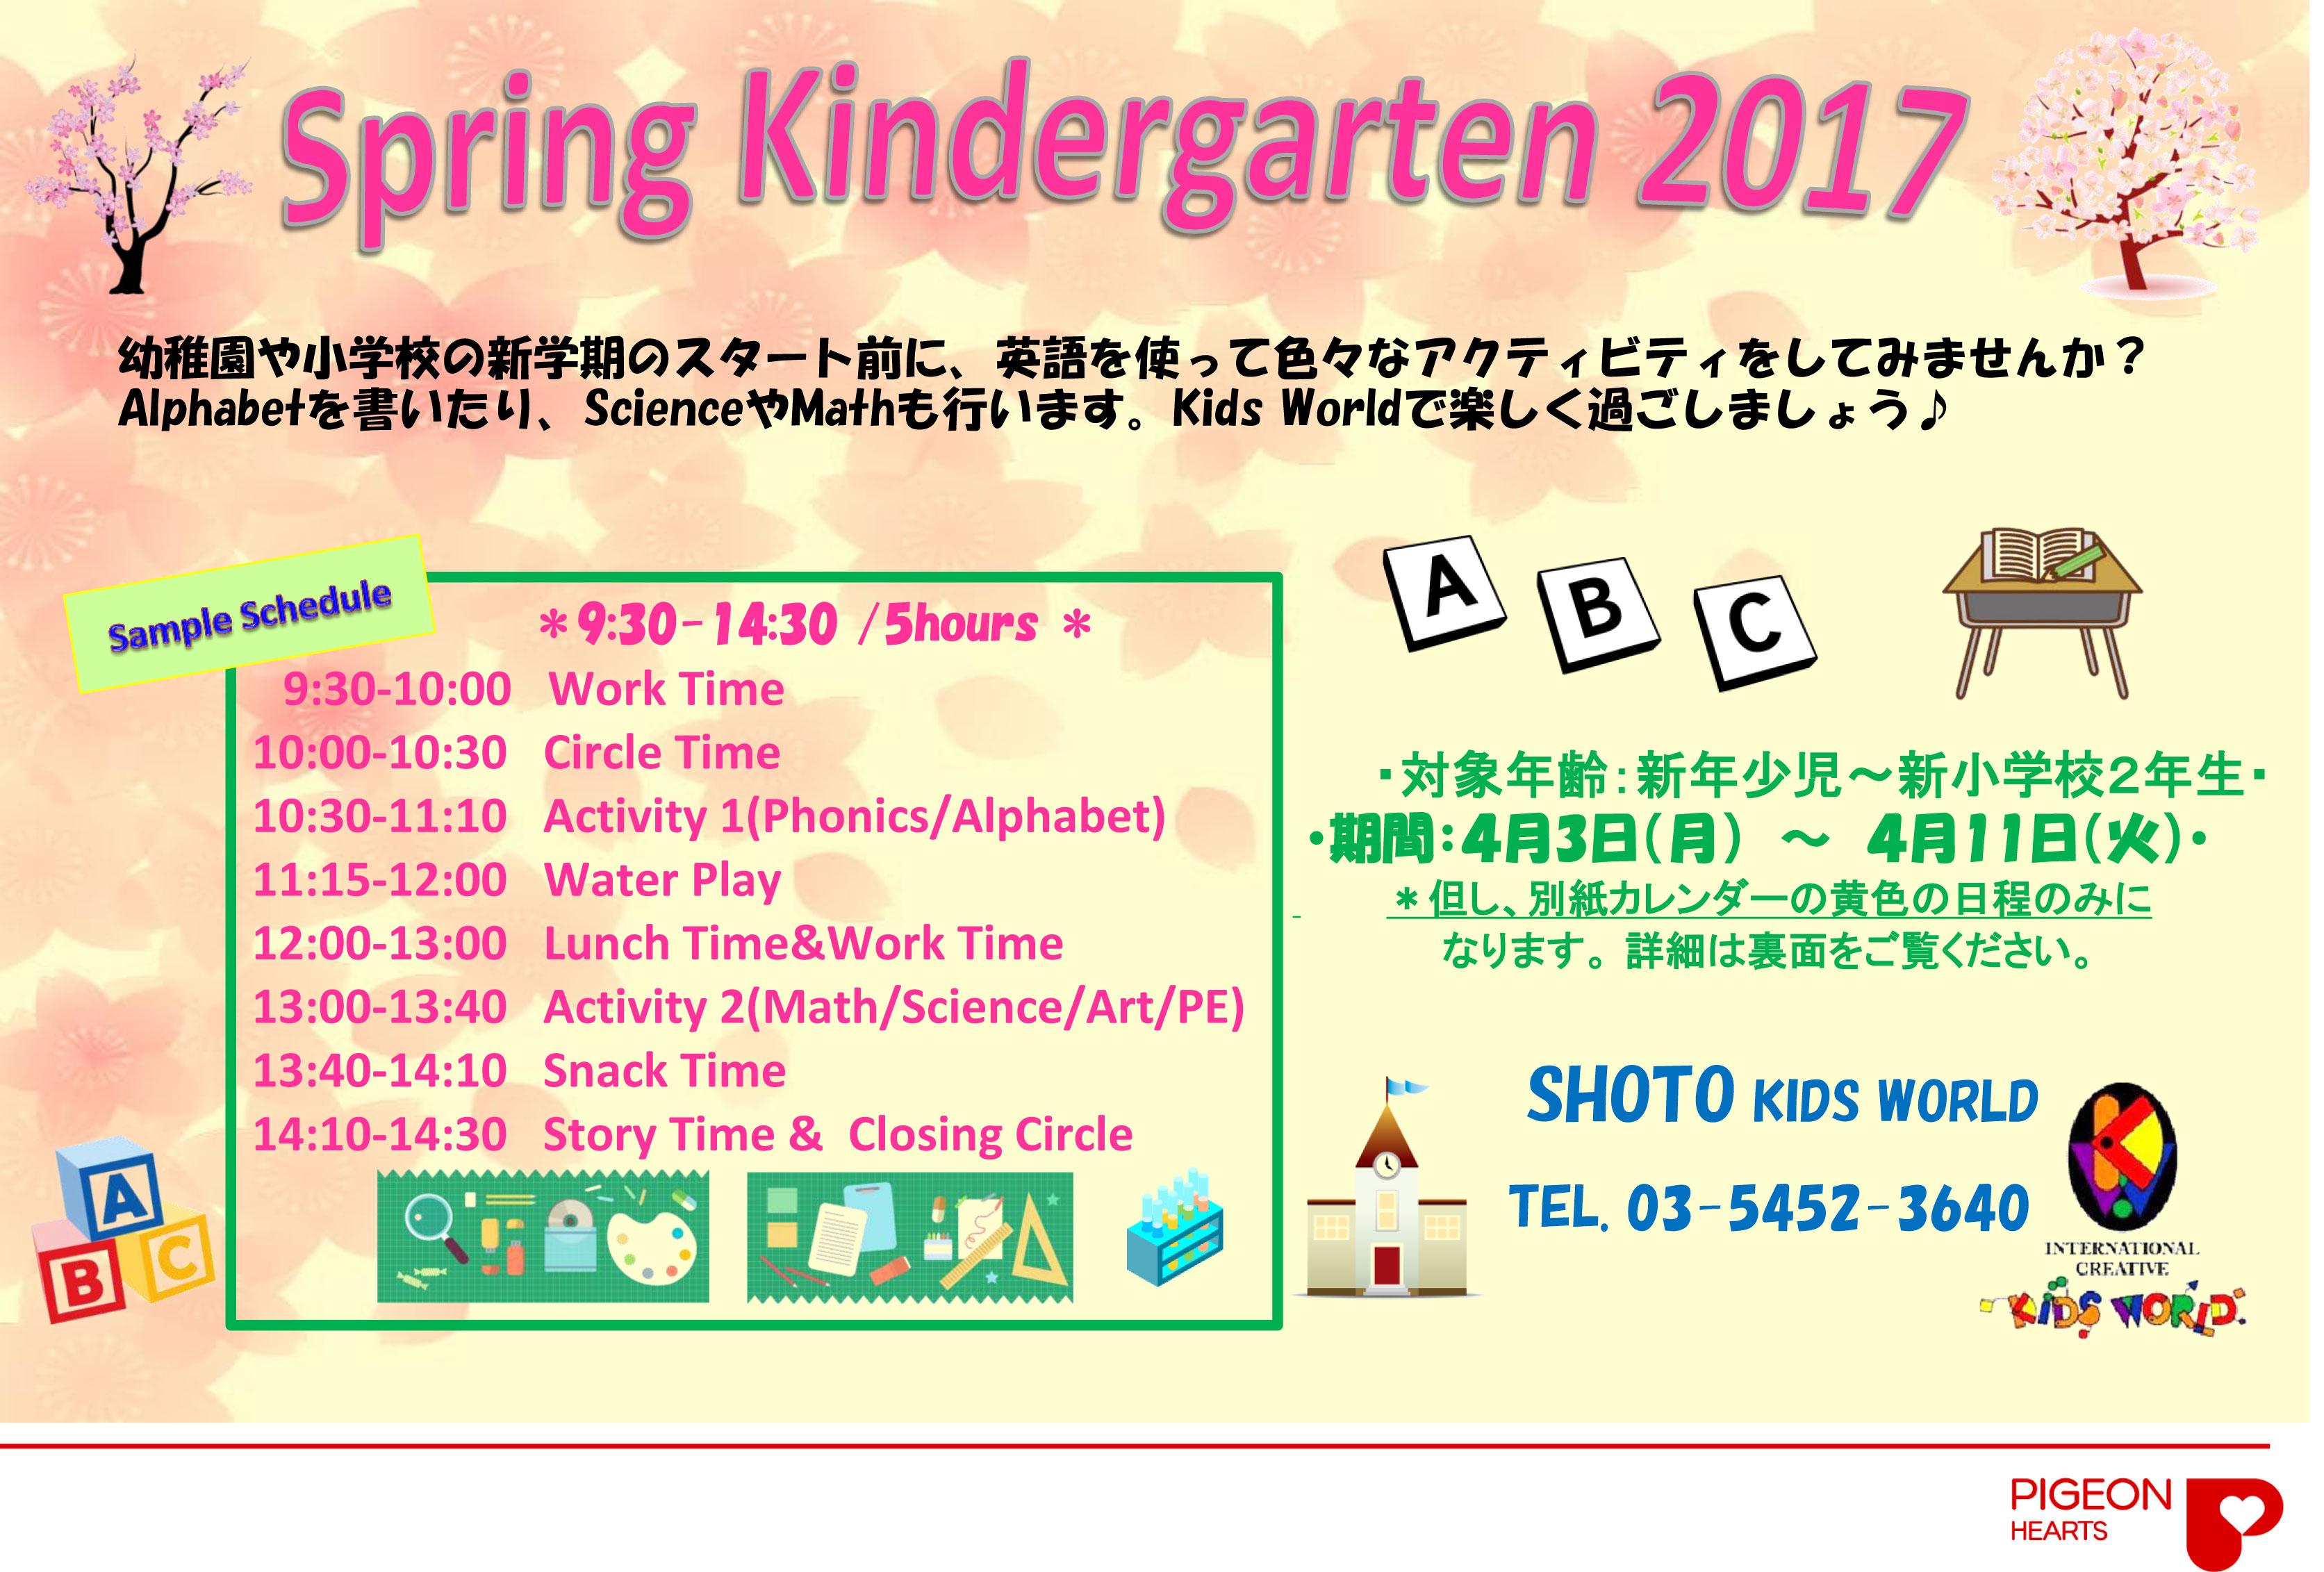 松涛2017Spring-Kinder-1